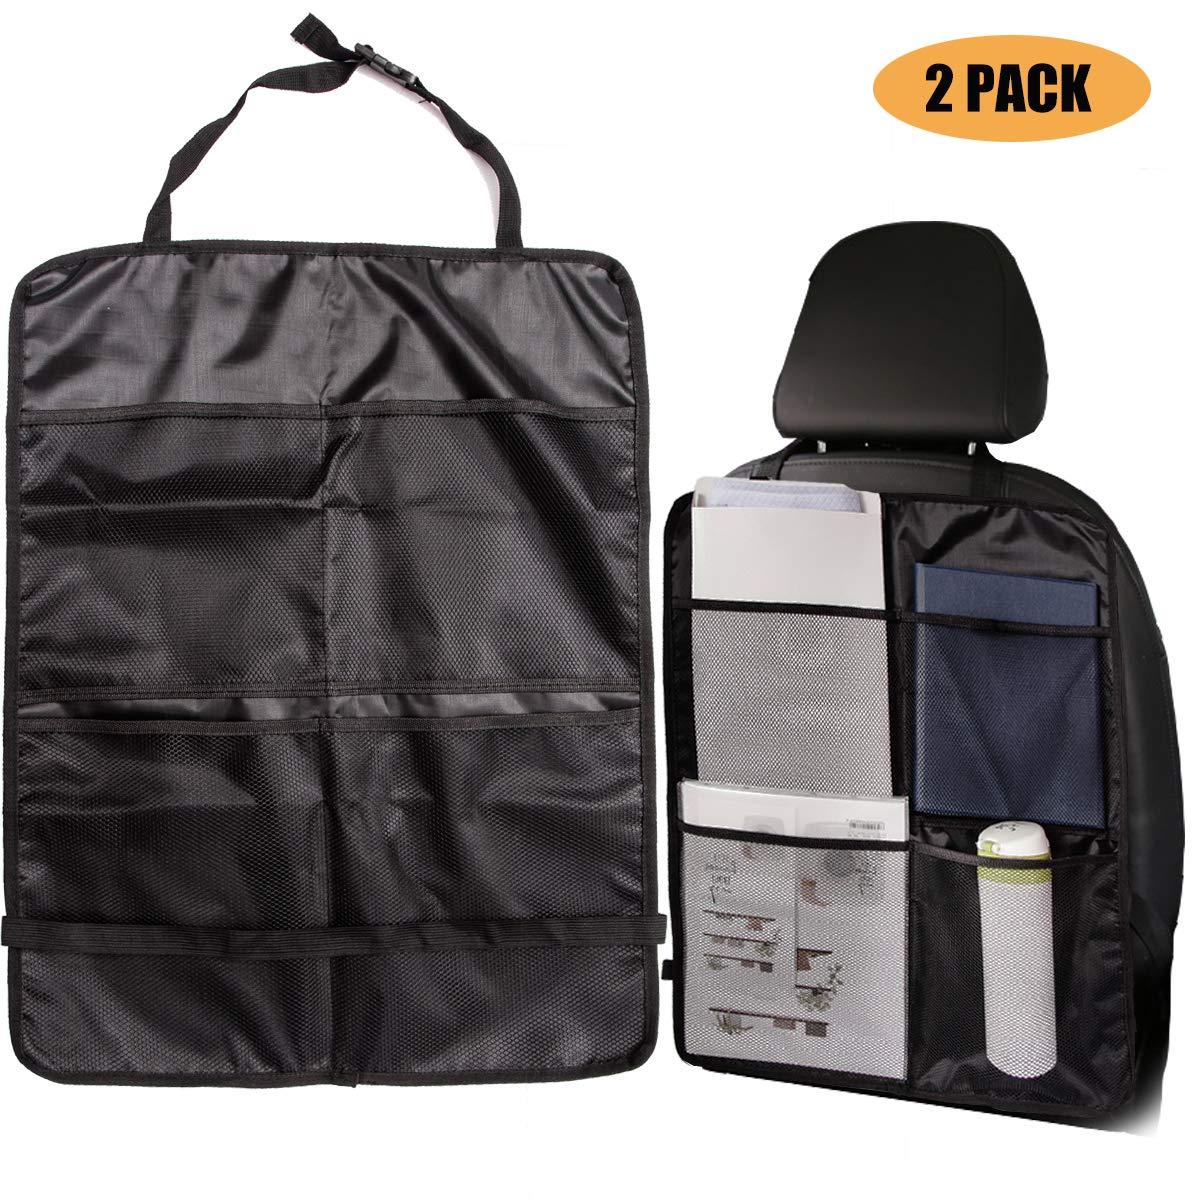 WildAuto - Organizzatore di sedili per auto - Borsa di stoccaggio - Borsa calda e fredda per la conservazione del caldo - Bevande Cooler - Travel Camping UK-Car back seat bag